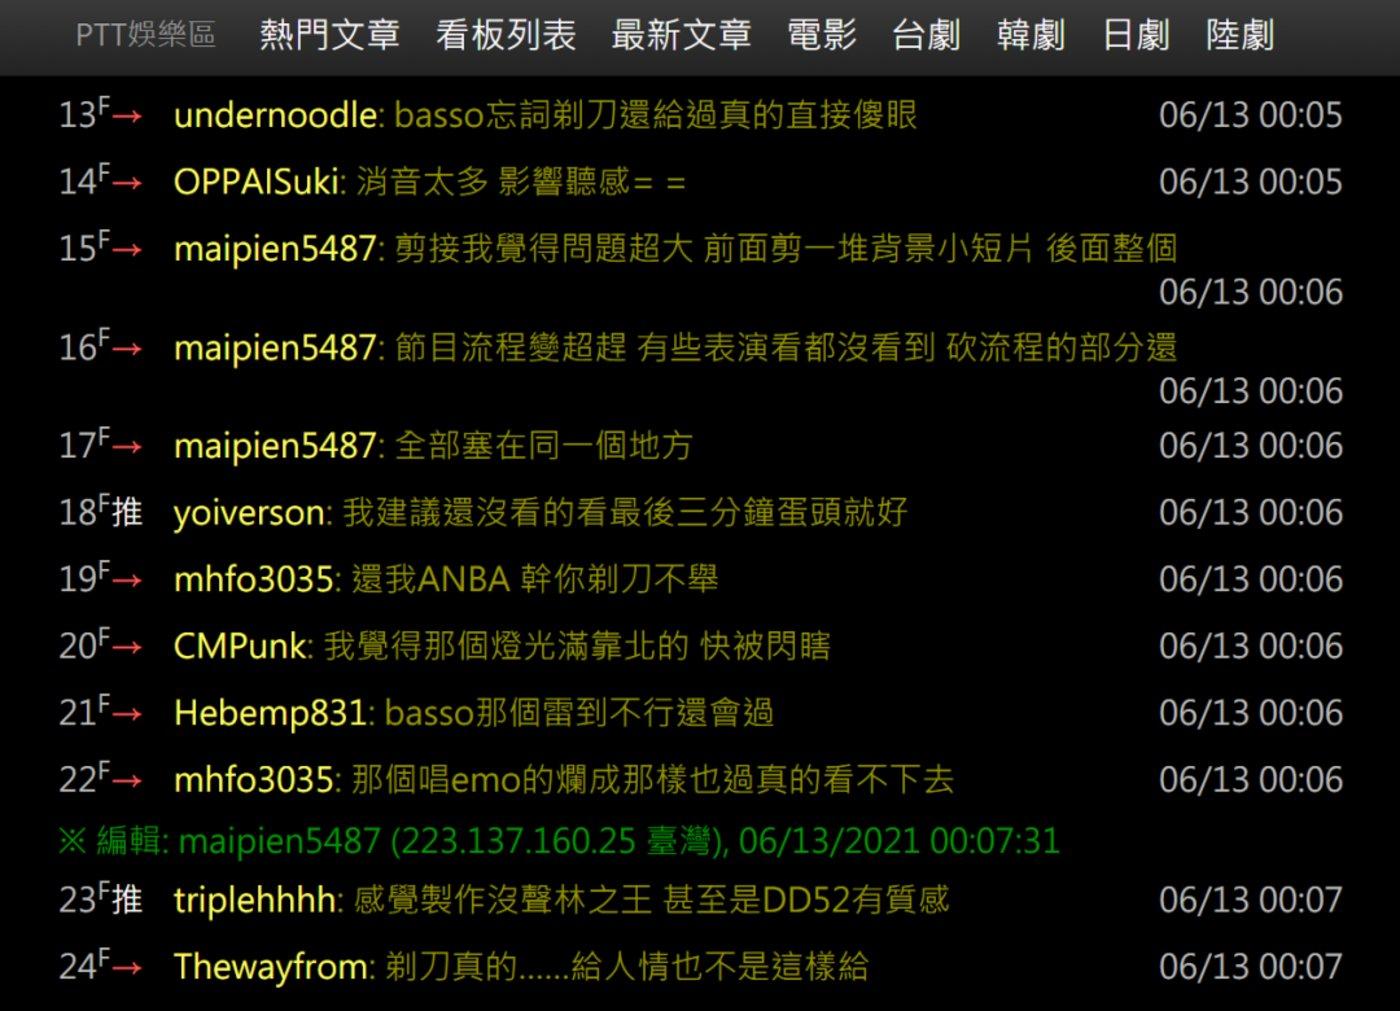 图源台湾最有影响力的网络社群ptt